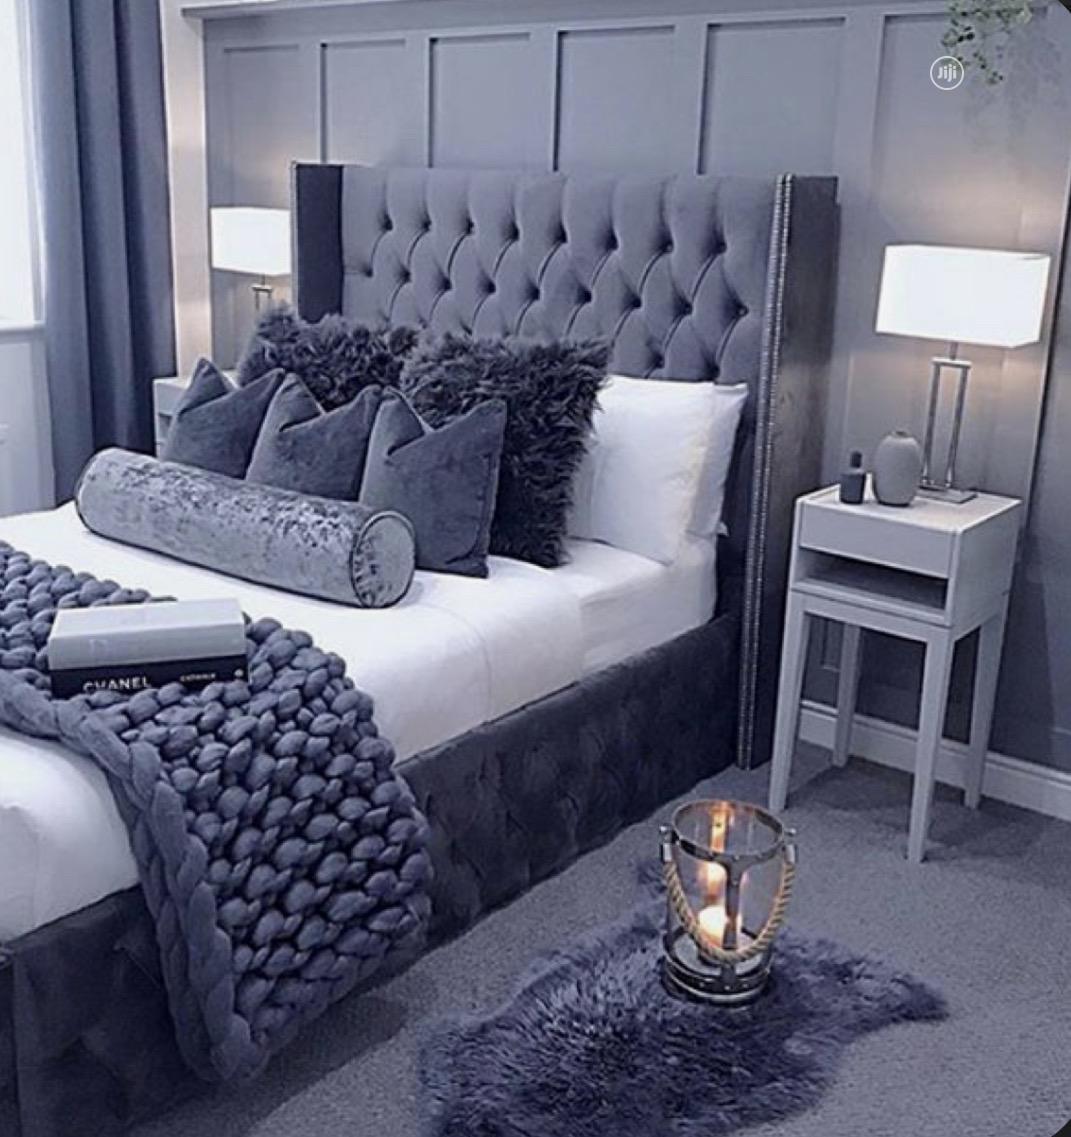 Already Made Luxurious Bed | Furniture for sale in Enugu / Enugu, Enugu State, Nigeria